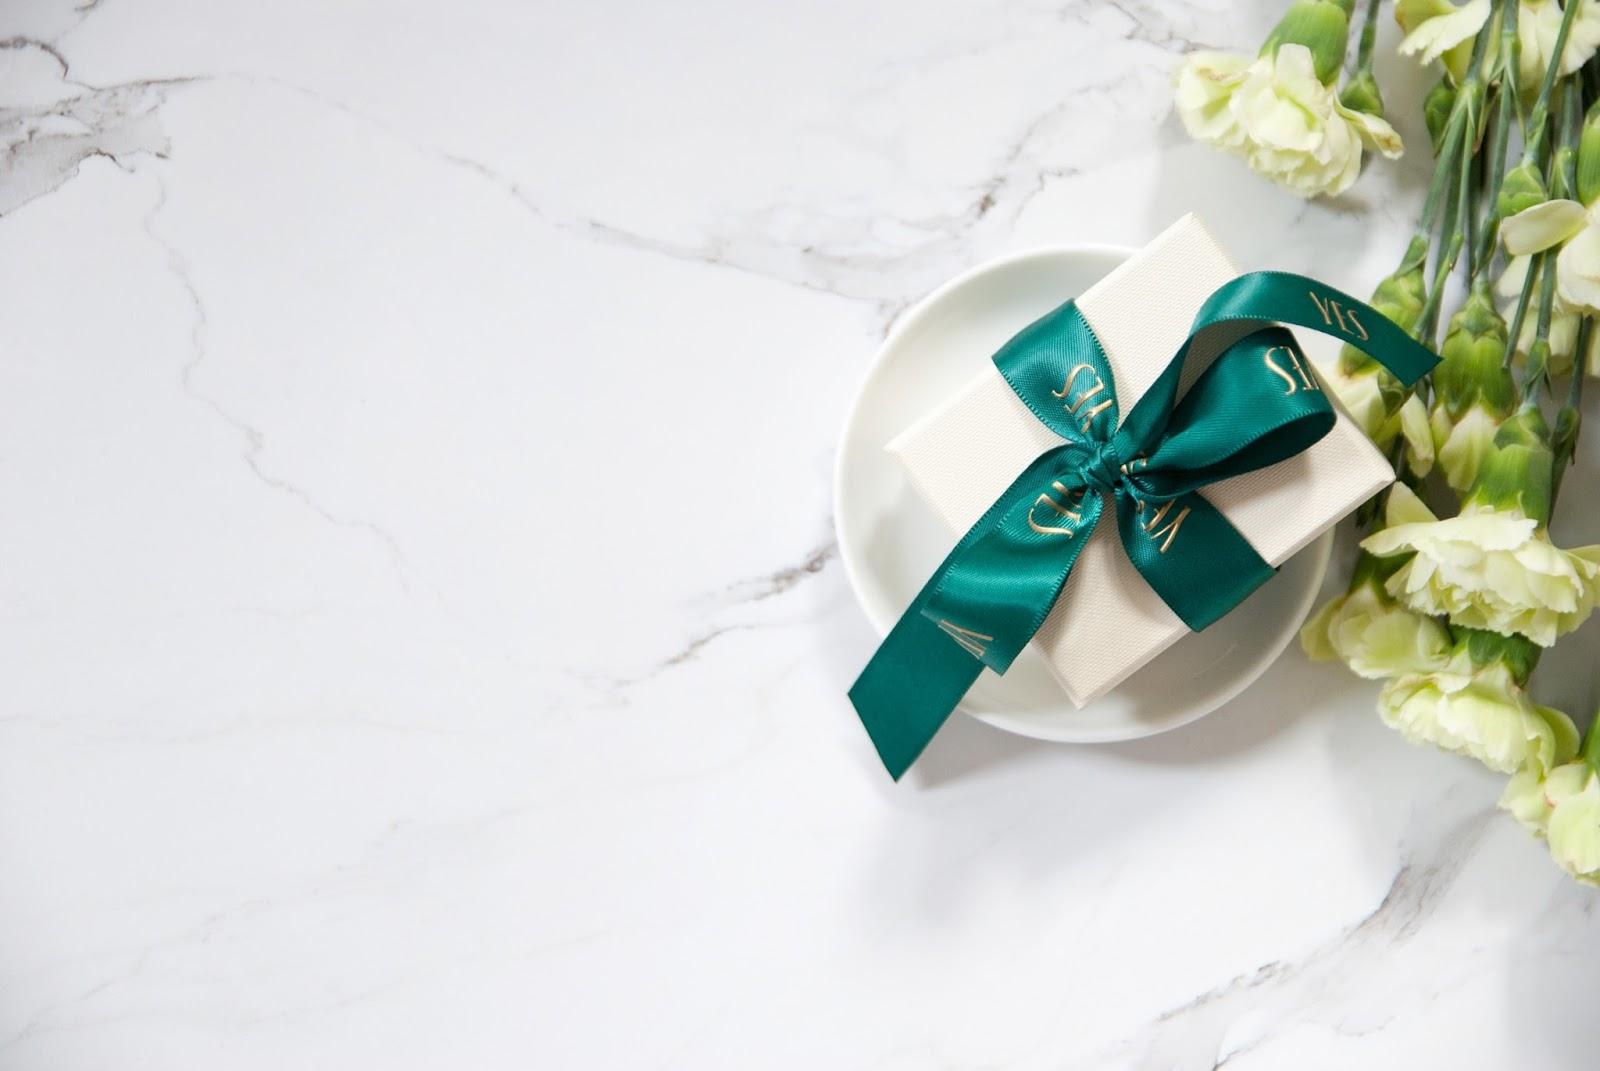 Moja biżuteria | Cluse, Yes, Apart, W. Kruk, H&M, Parfois, Happiness Boutique, Pandora